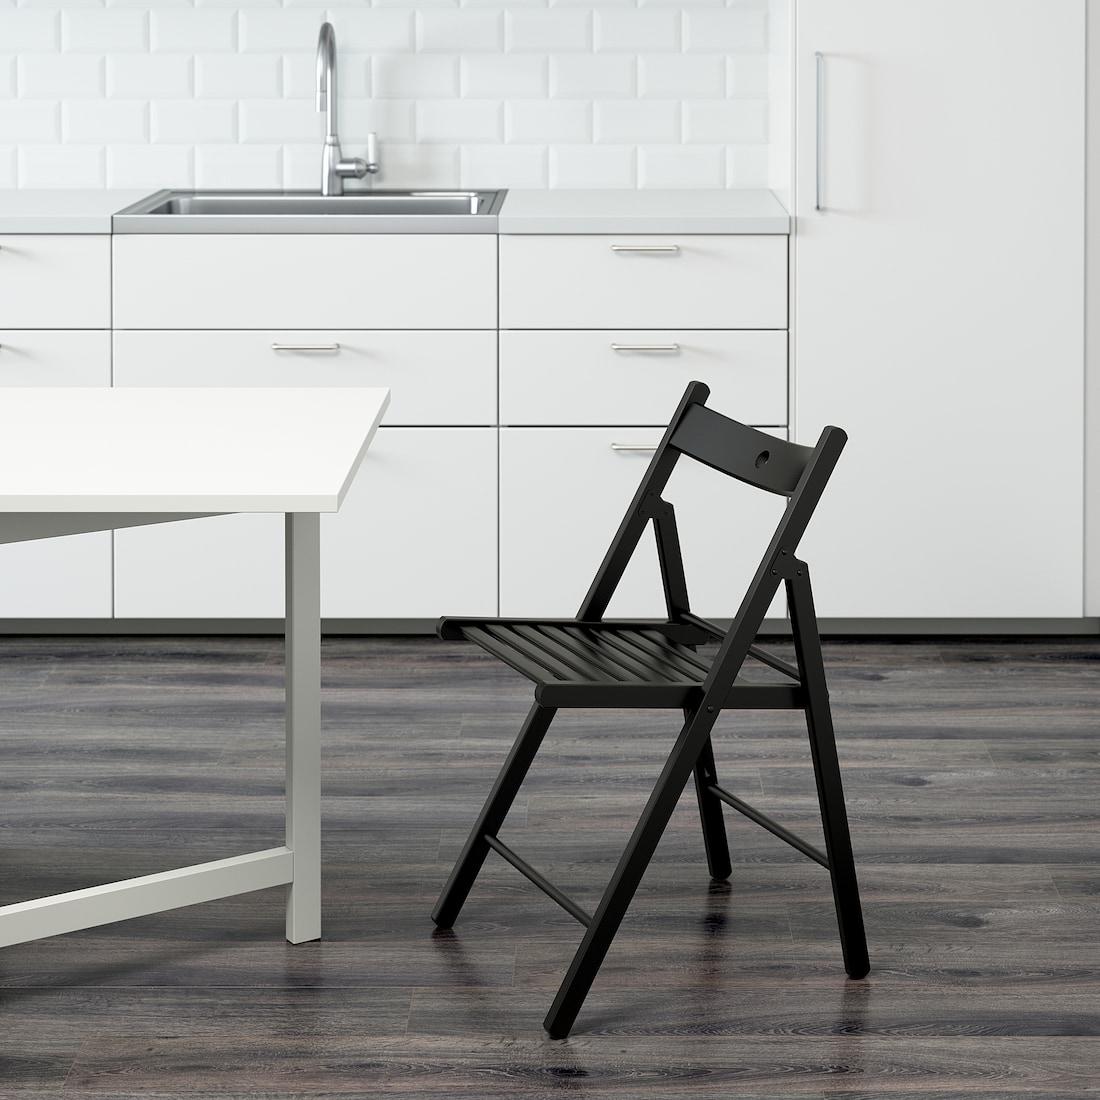 TERJE Chaise pliante, noir, matériau durable - IKEA